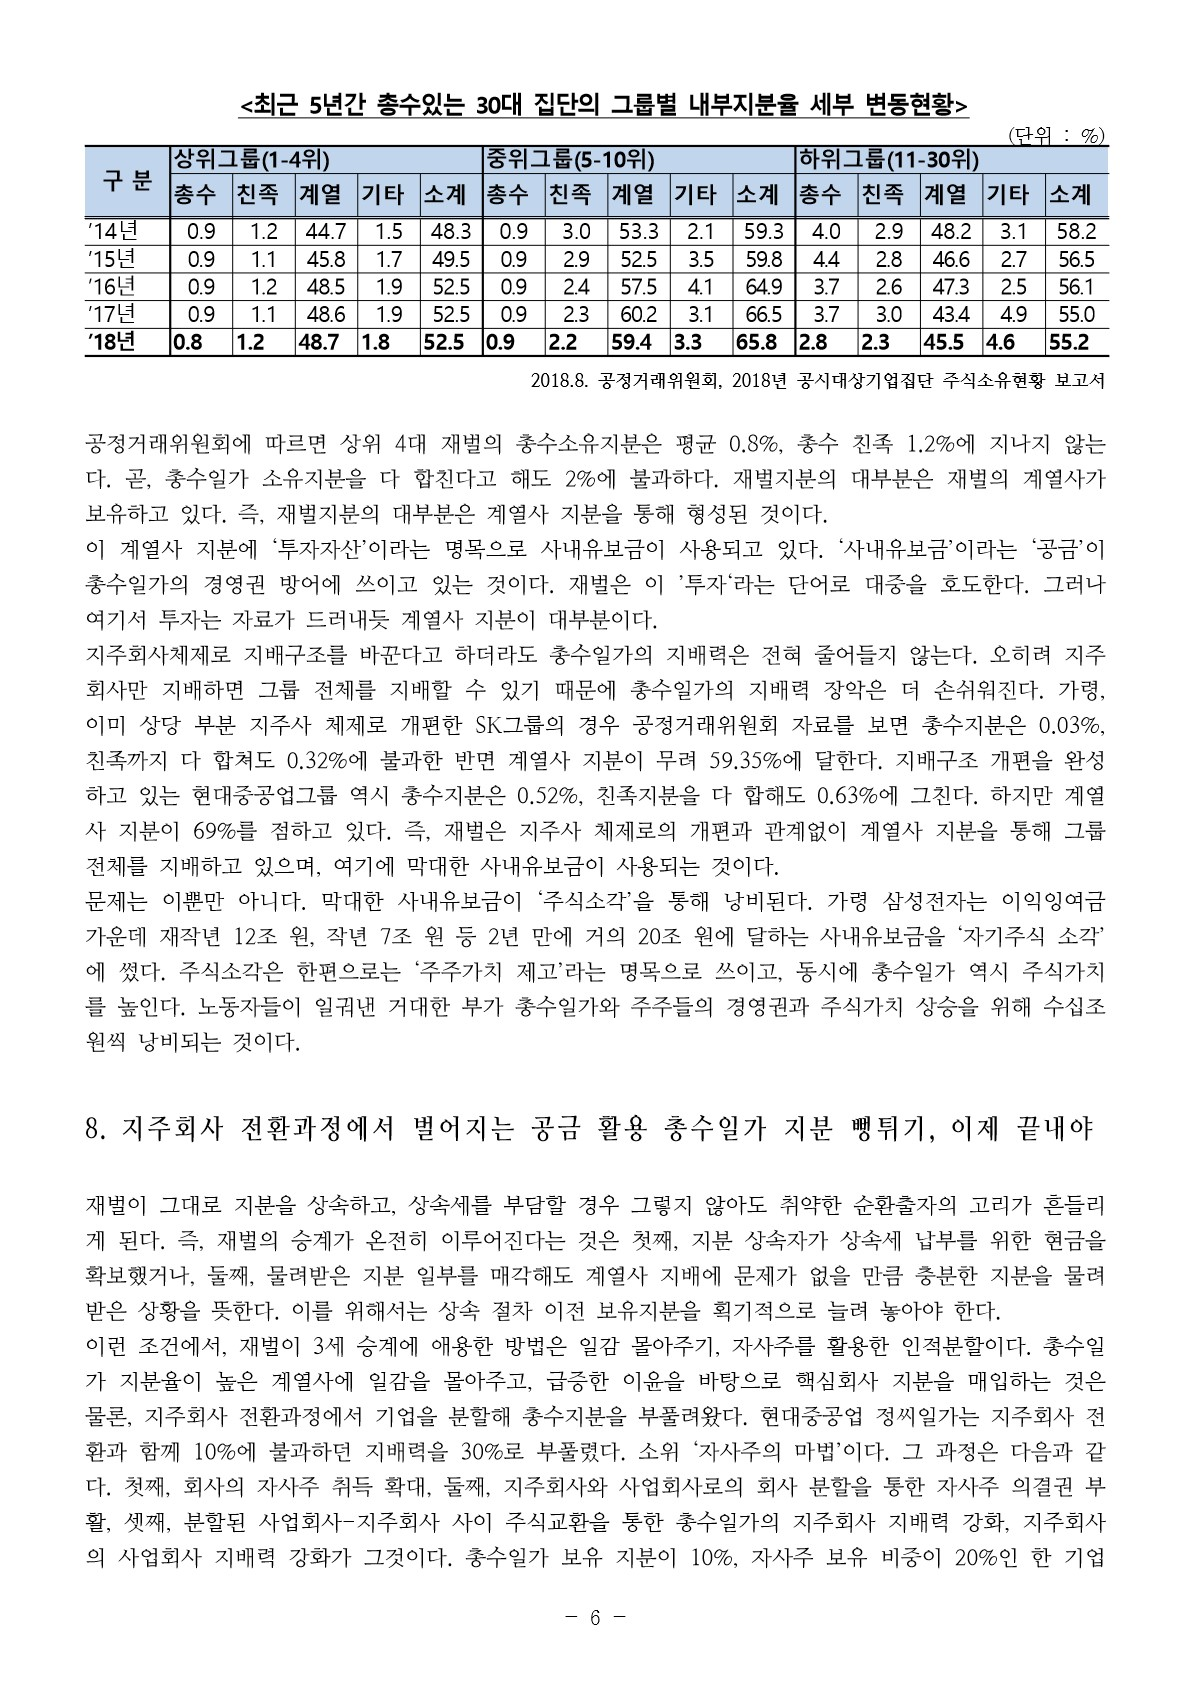 2019 사내유보금 현황 보도자료6.jpg